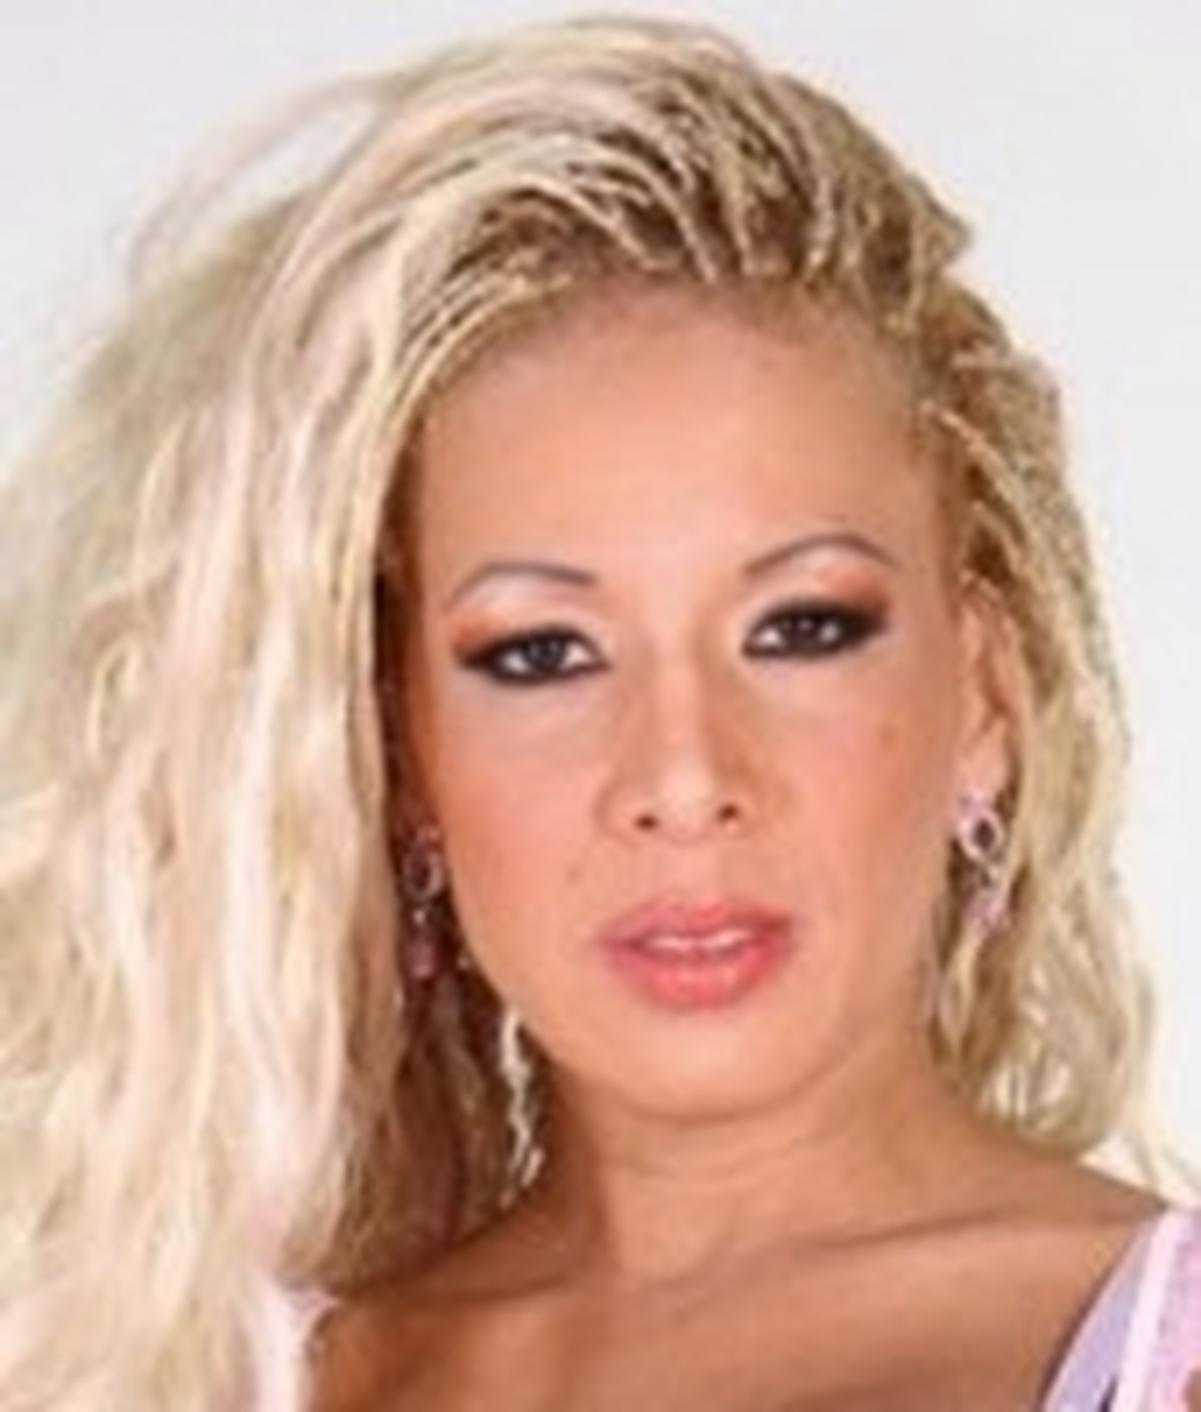 Sophia Sandobar